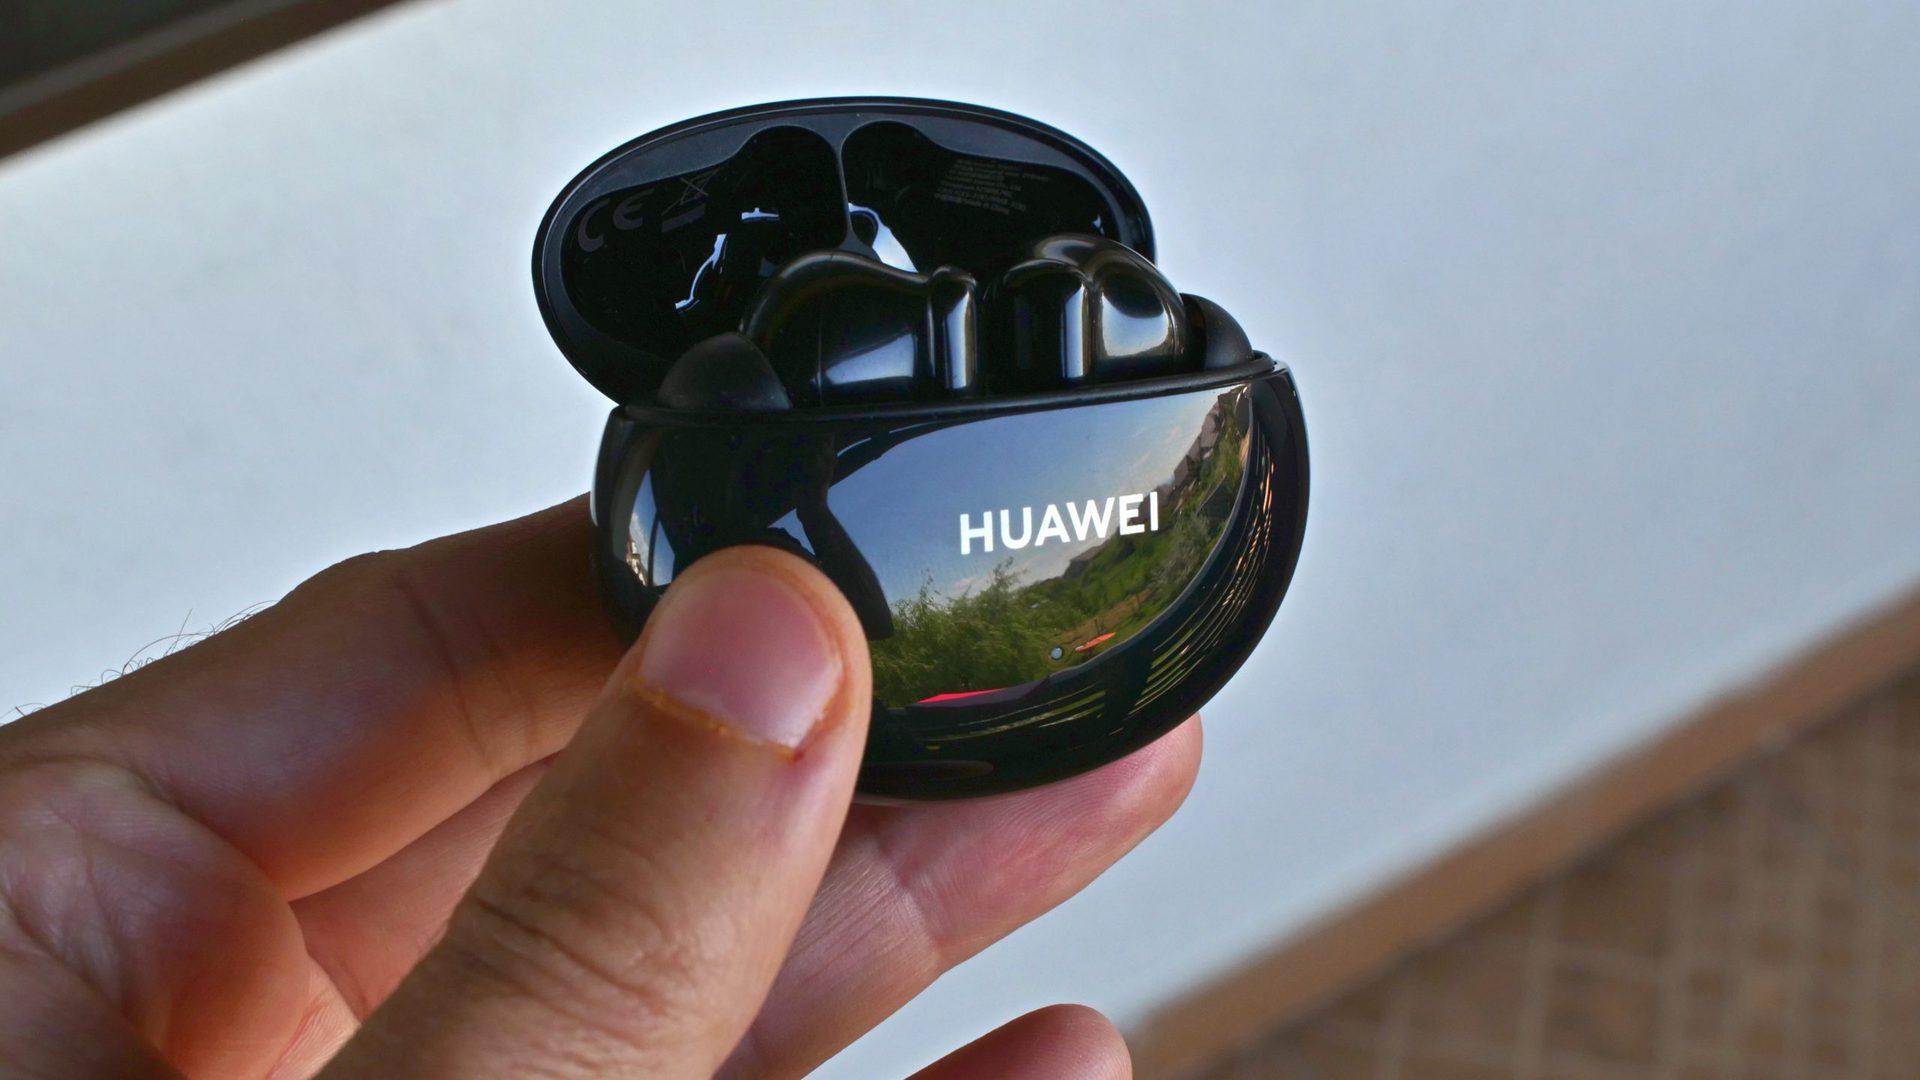 huawei freebuds 4i true wireless earbuds 2